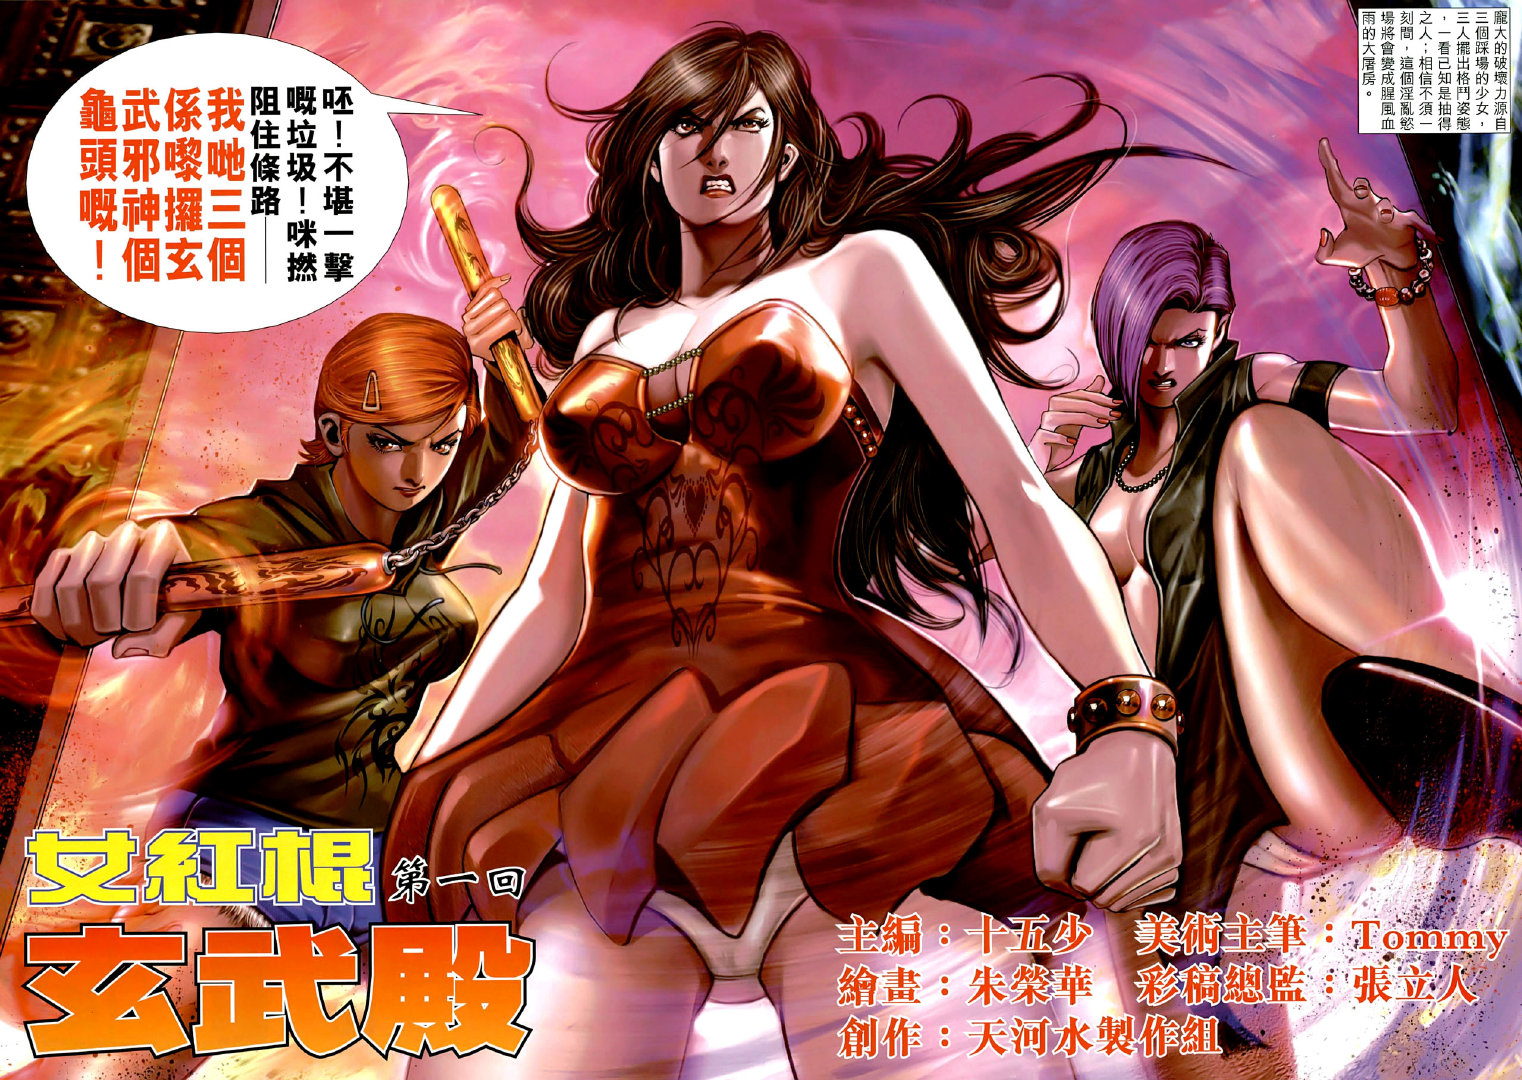 女红棍《女版龙虎门》漫画